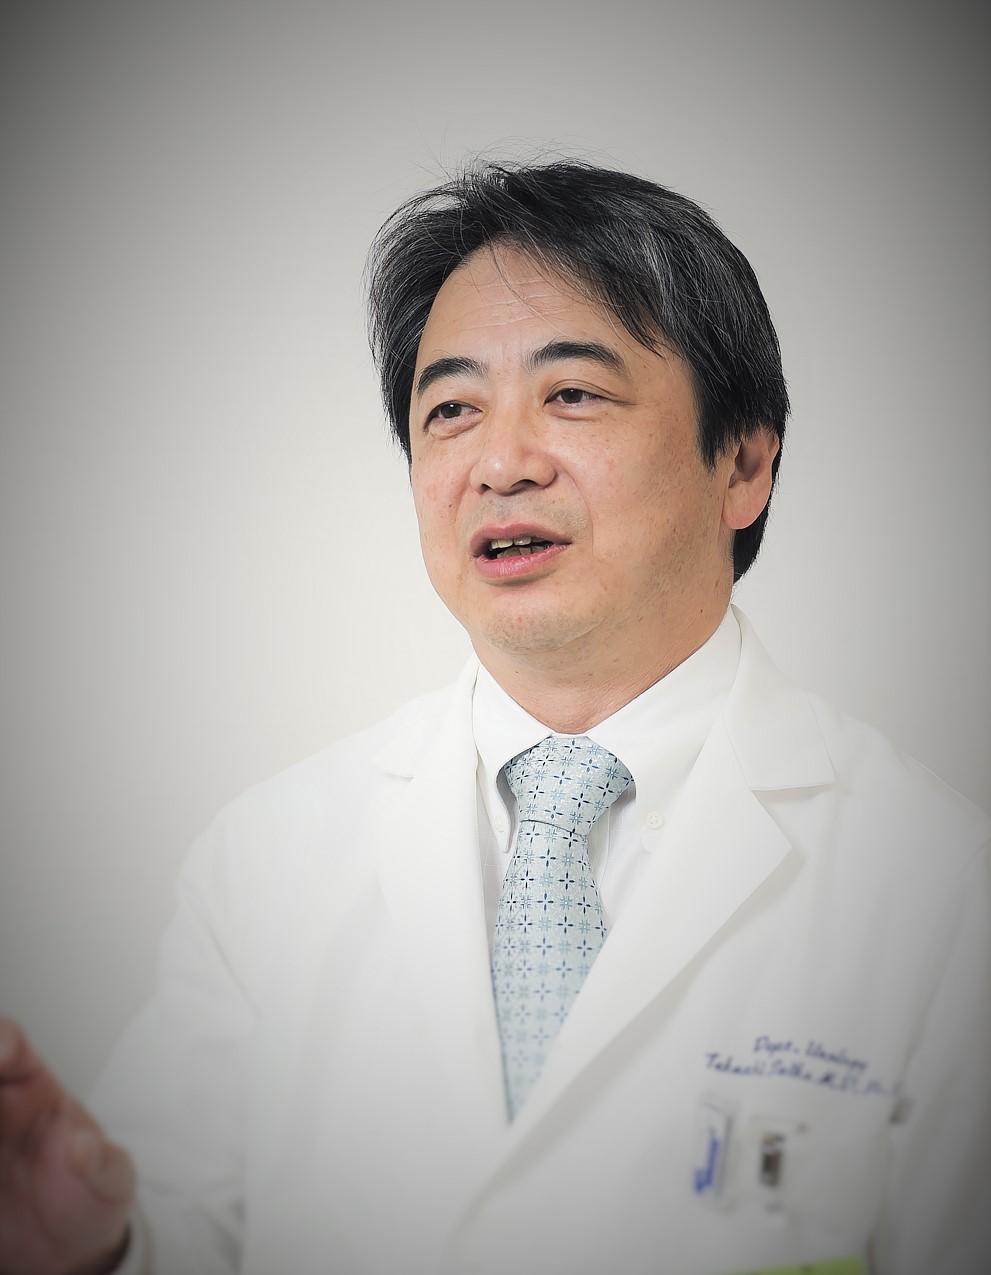 医学部は医学という学問を科学的根拠に基づいて追及、発展させる場です。